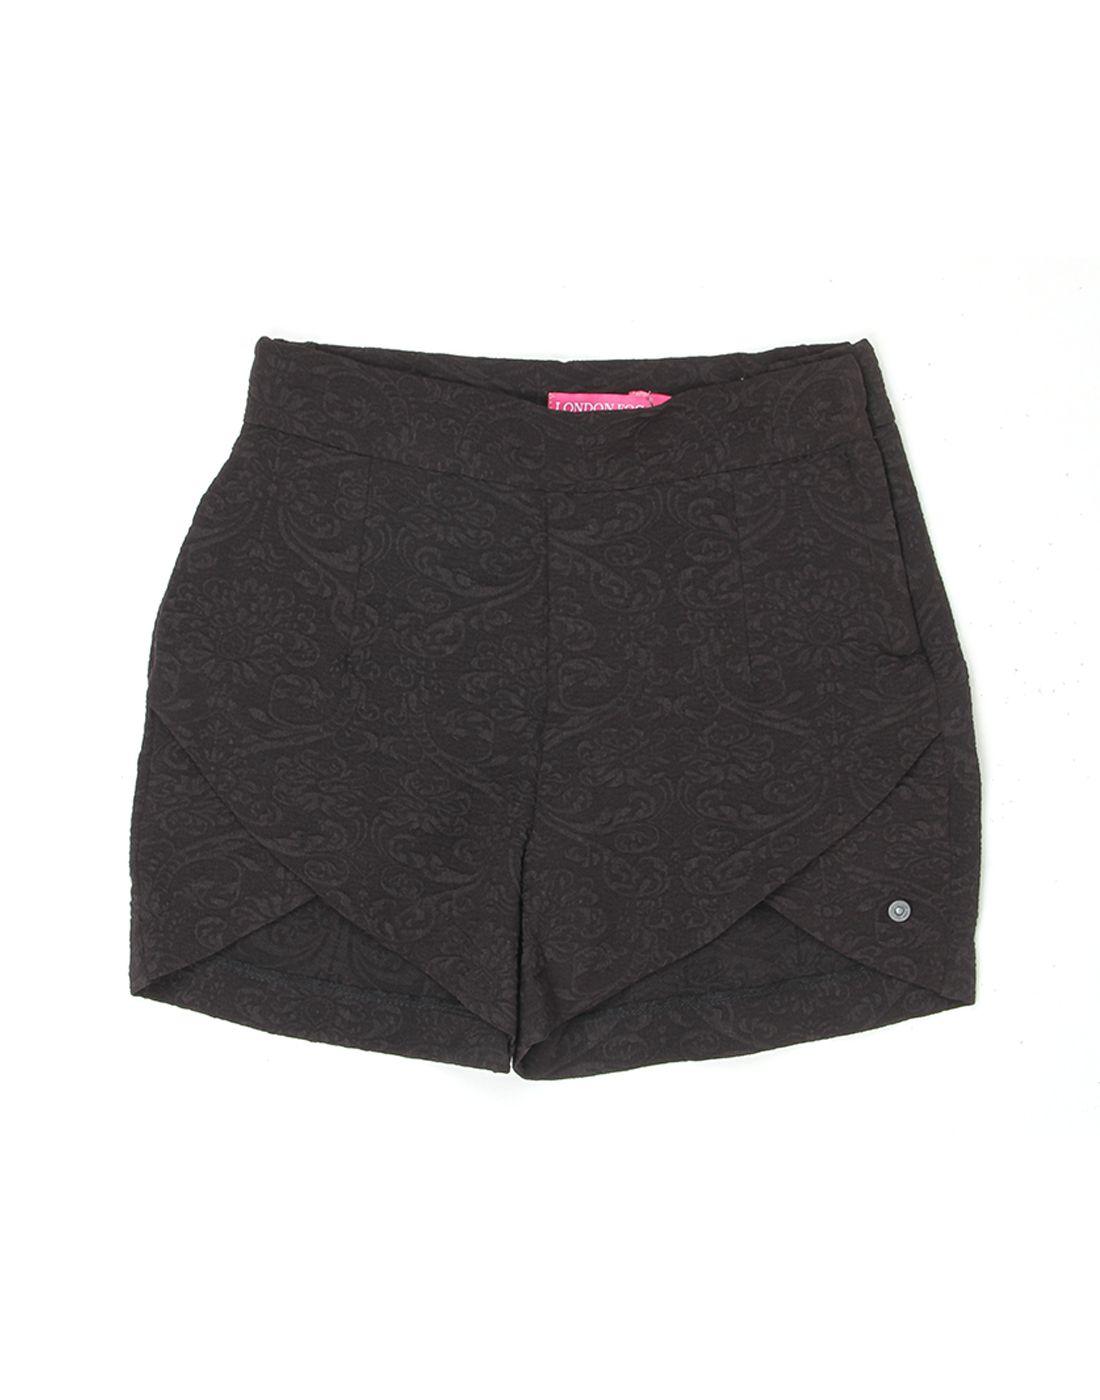 London Fog Girls Black  Short